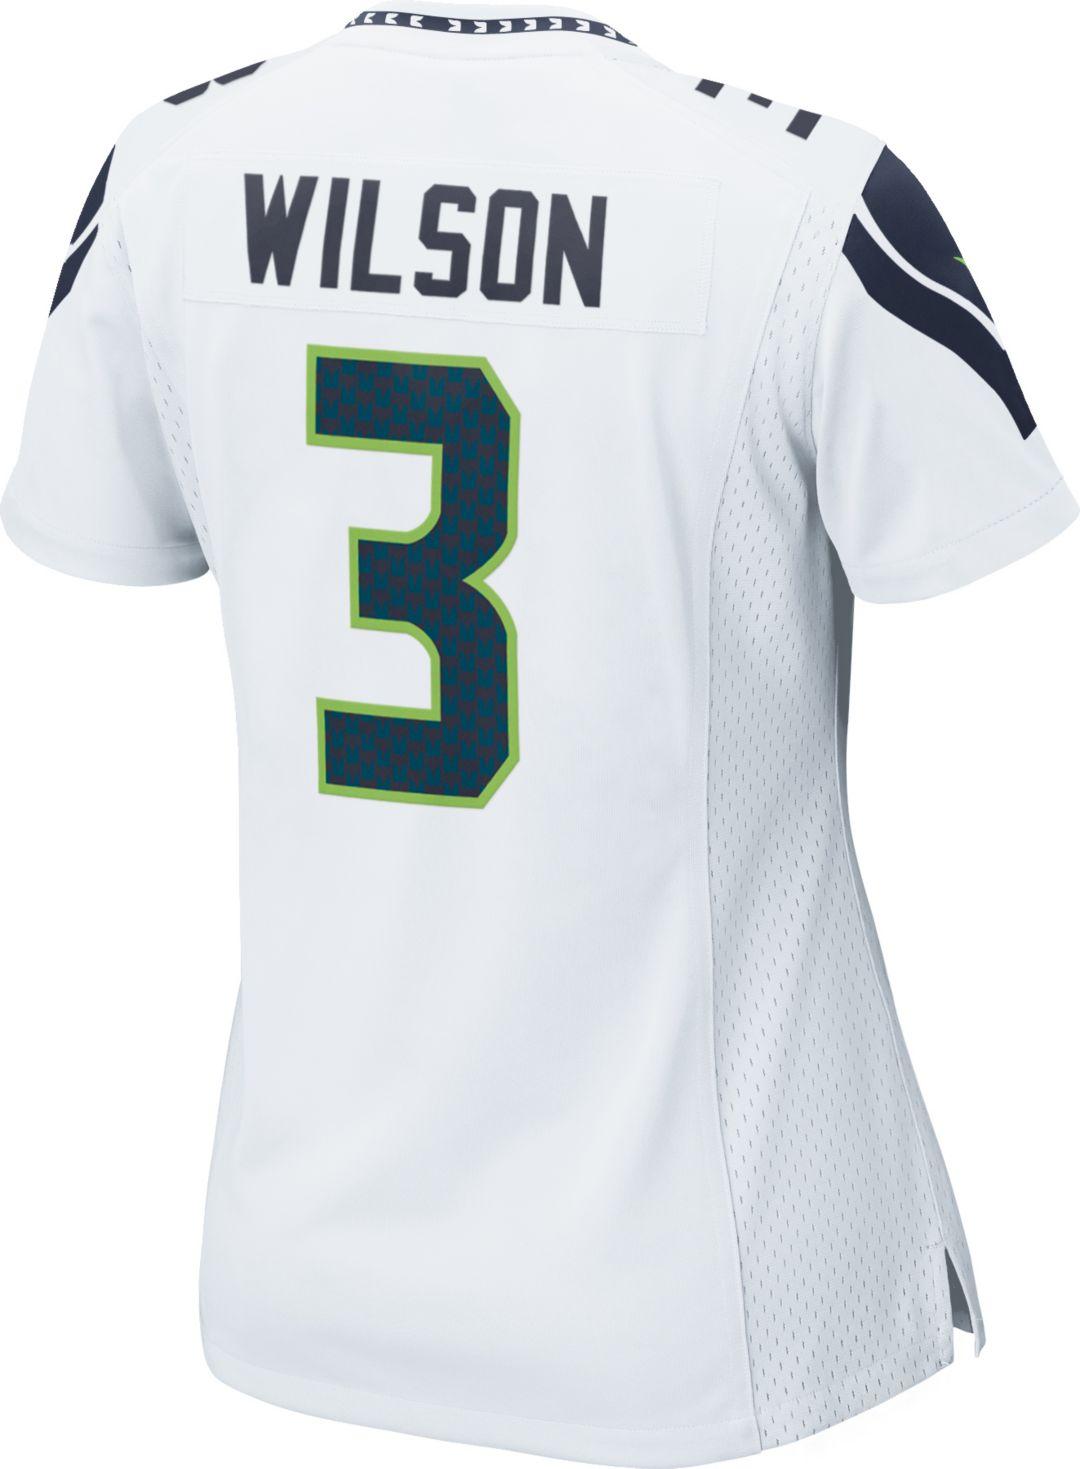 e5201c1e2d1 Nike Women's Away Game Jersey Seattle Seahawks Russell Wilson #3 ...